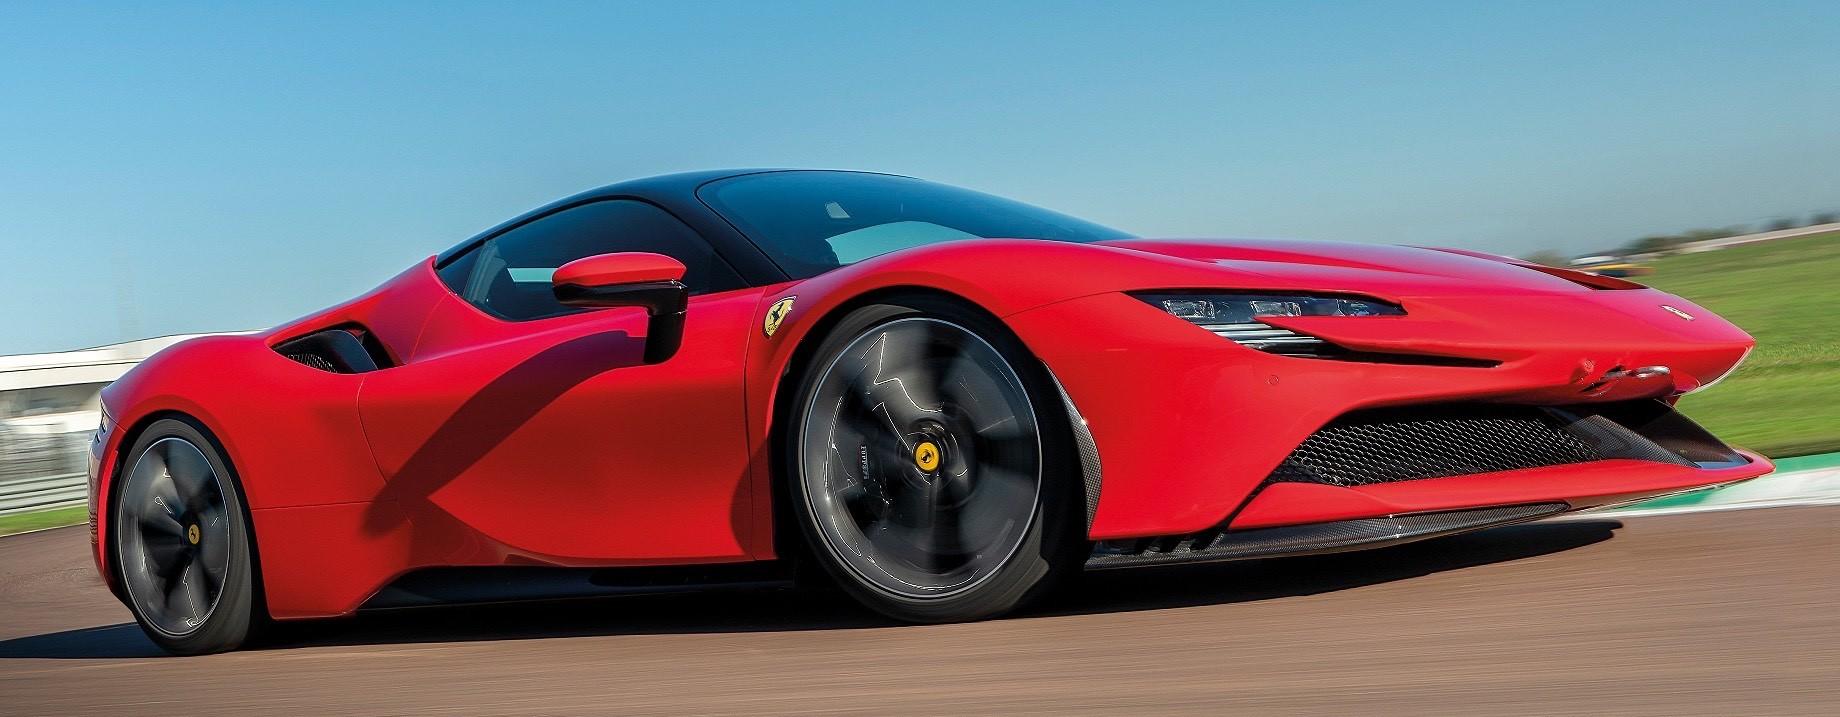 Суперкар Lamborghini Aventador нового поколения сохранит V12